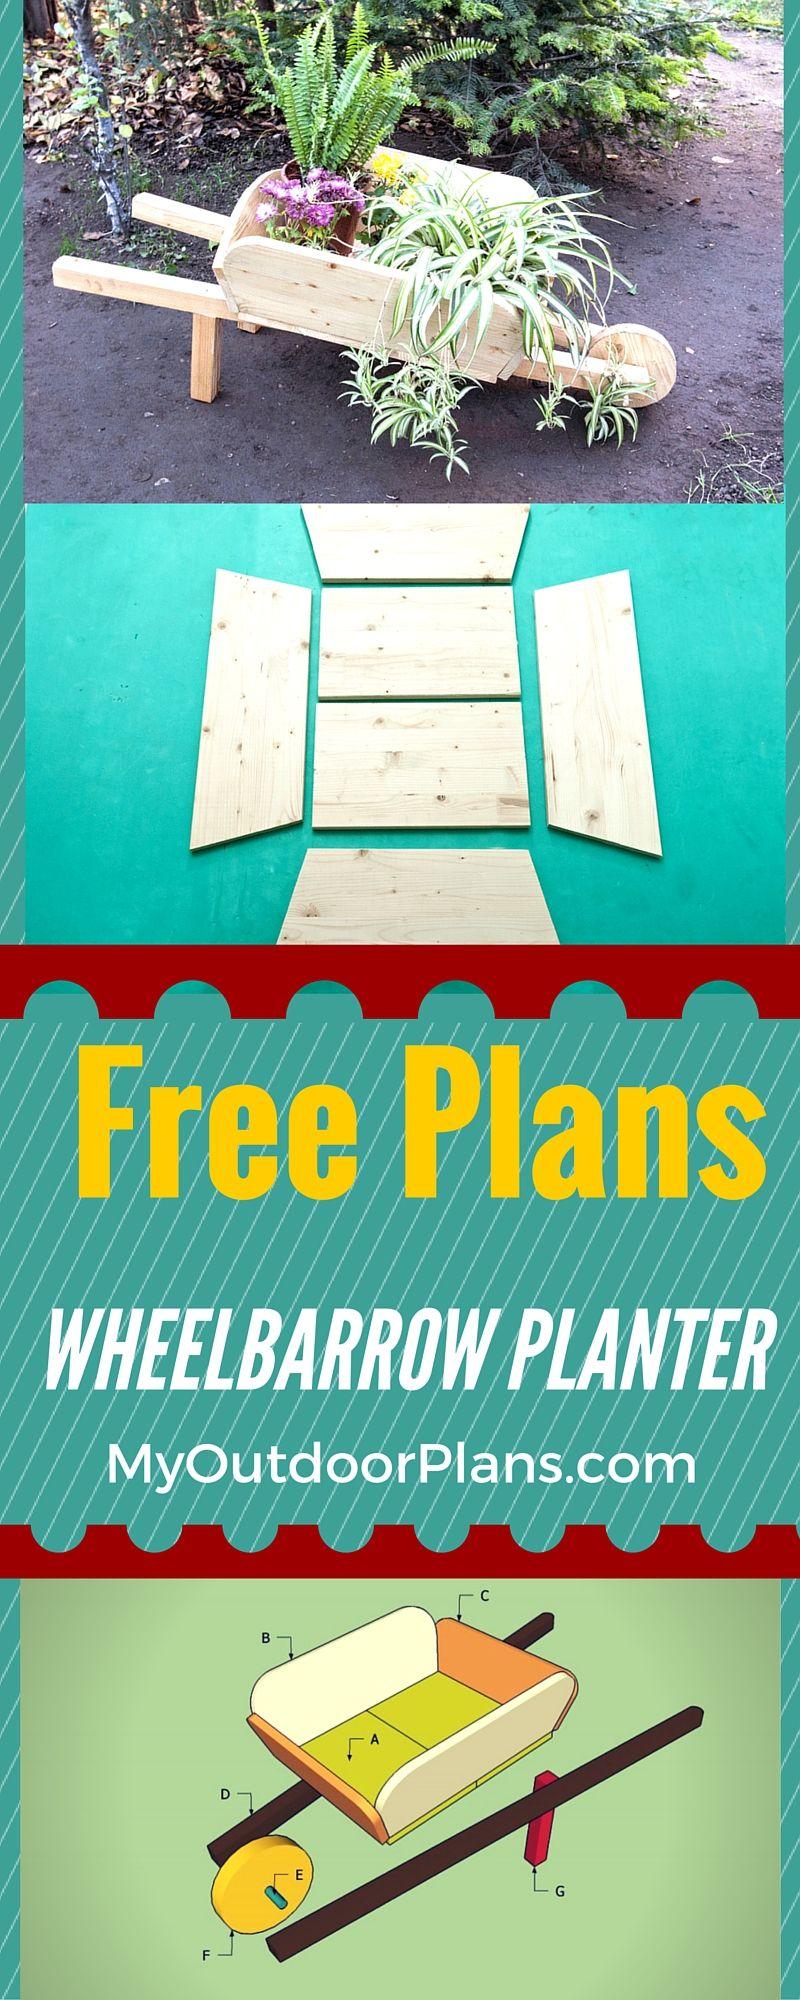 medium resolution of how to build a wheelbarrow planter easy to follow plans for building a wood wheelbarrow planter for your garden in just a few hours howtospecialist com